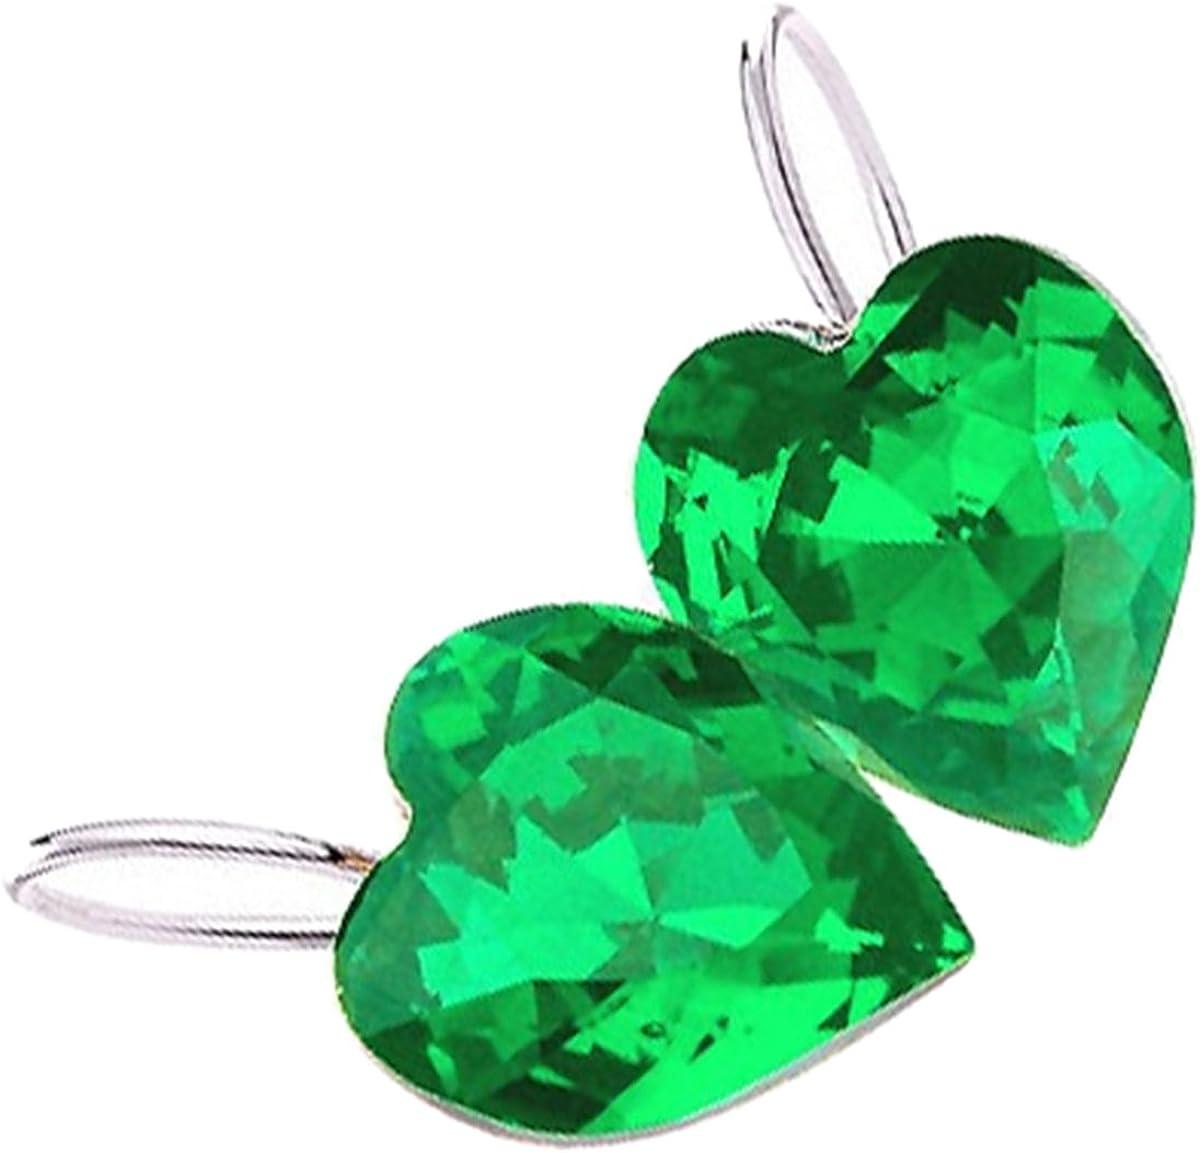 GWG Jewellery Pendientes Mujer Regalo Pendientes Colgantes, Chapados en Plata de Ley Cristal de Colores Varios en Forma de Corazón Clásico para Mujeres